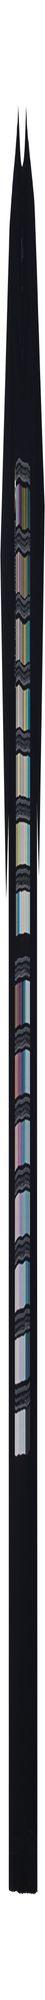 Футболка T-bolka 160 с DTG-печатью Kornit Color chart 3, темно-синяя